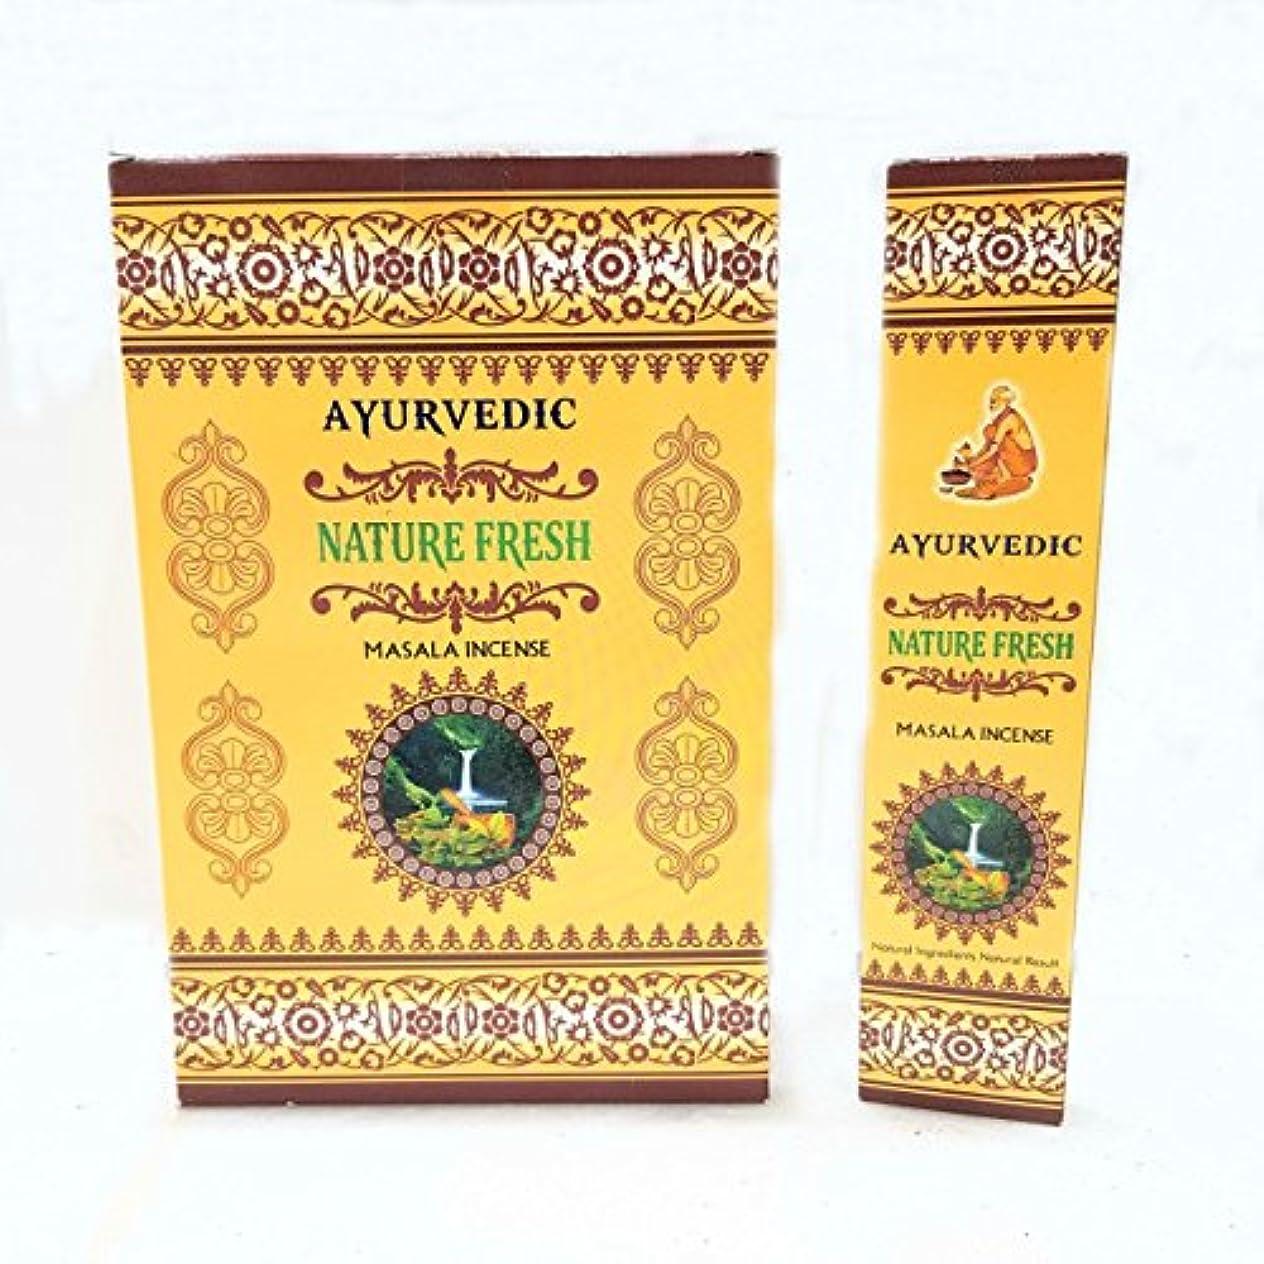 小道海外積分Ayurvedic Nature Fresh Masala Incense Sticks Agarbatti ( 12パックcontaining 15 sticks各)